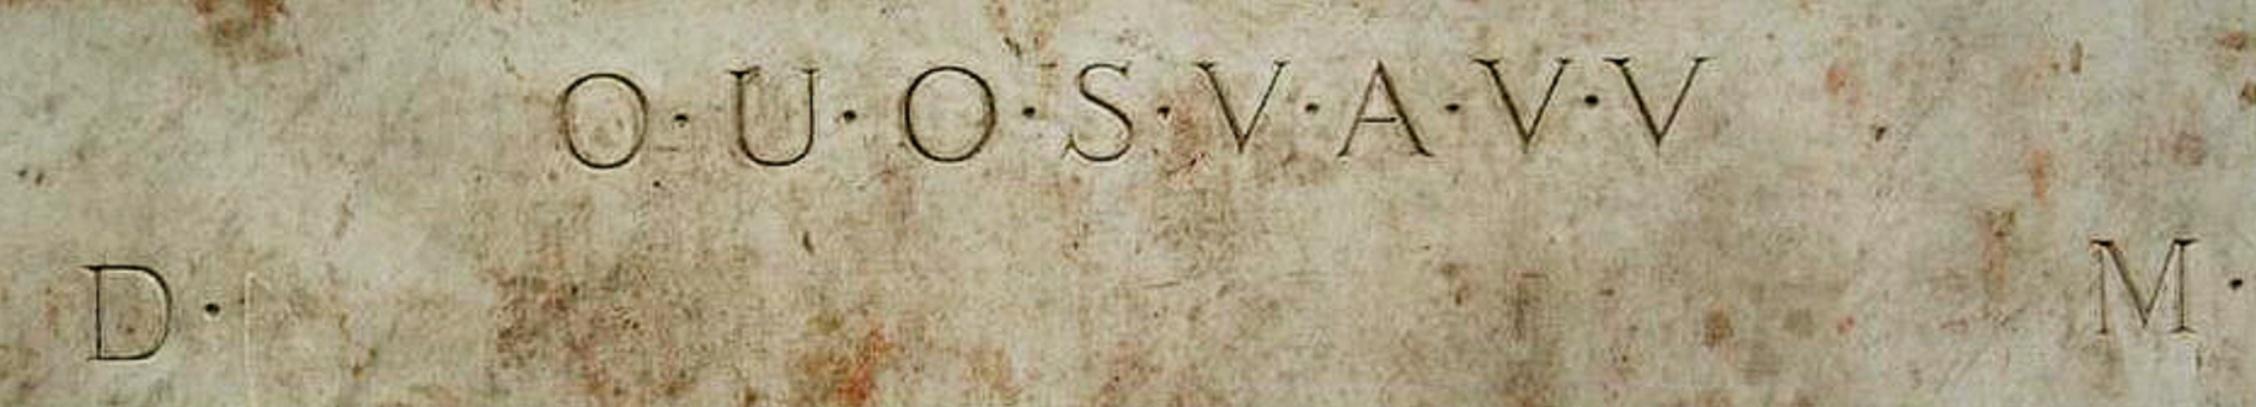 Shugborough-inscriptie